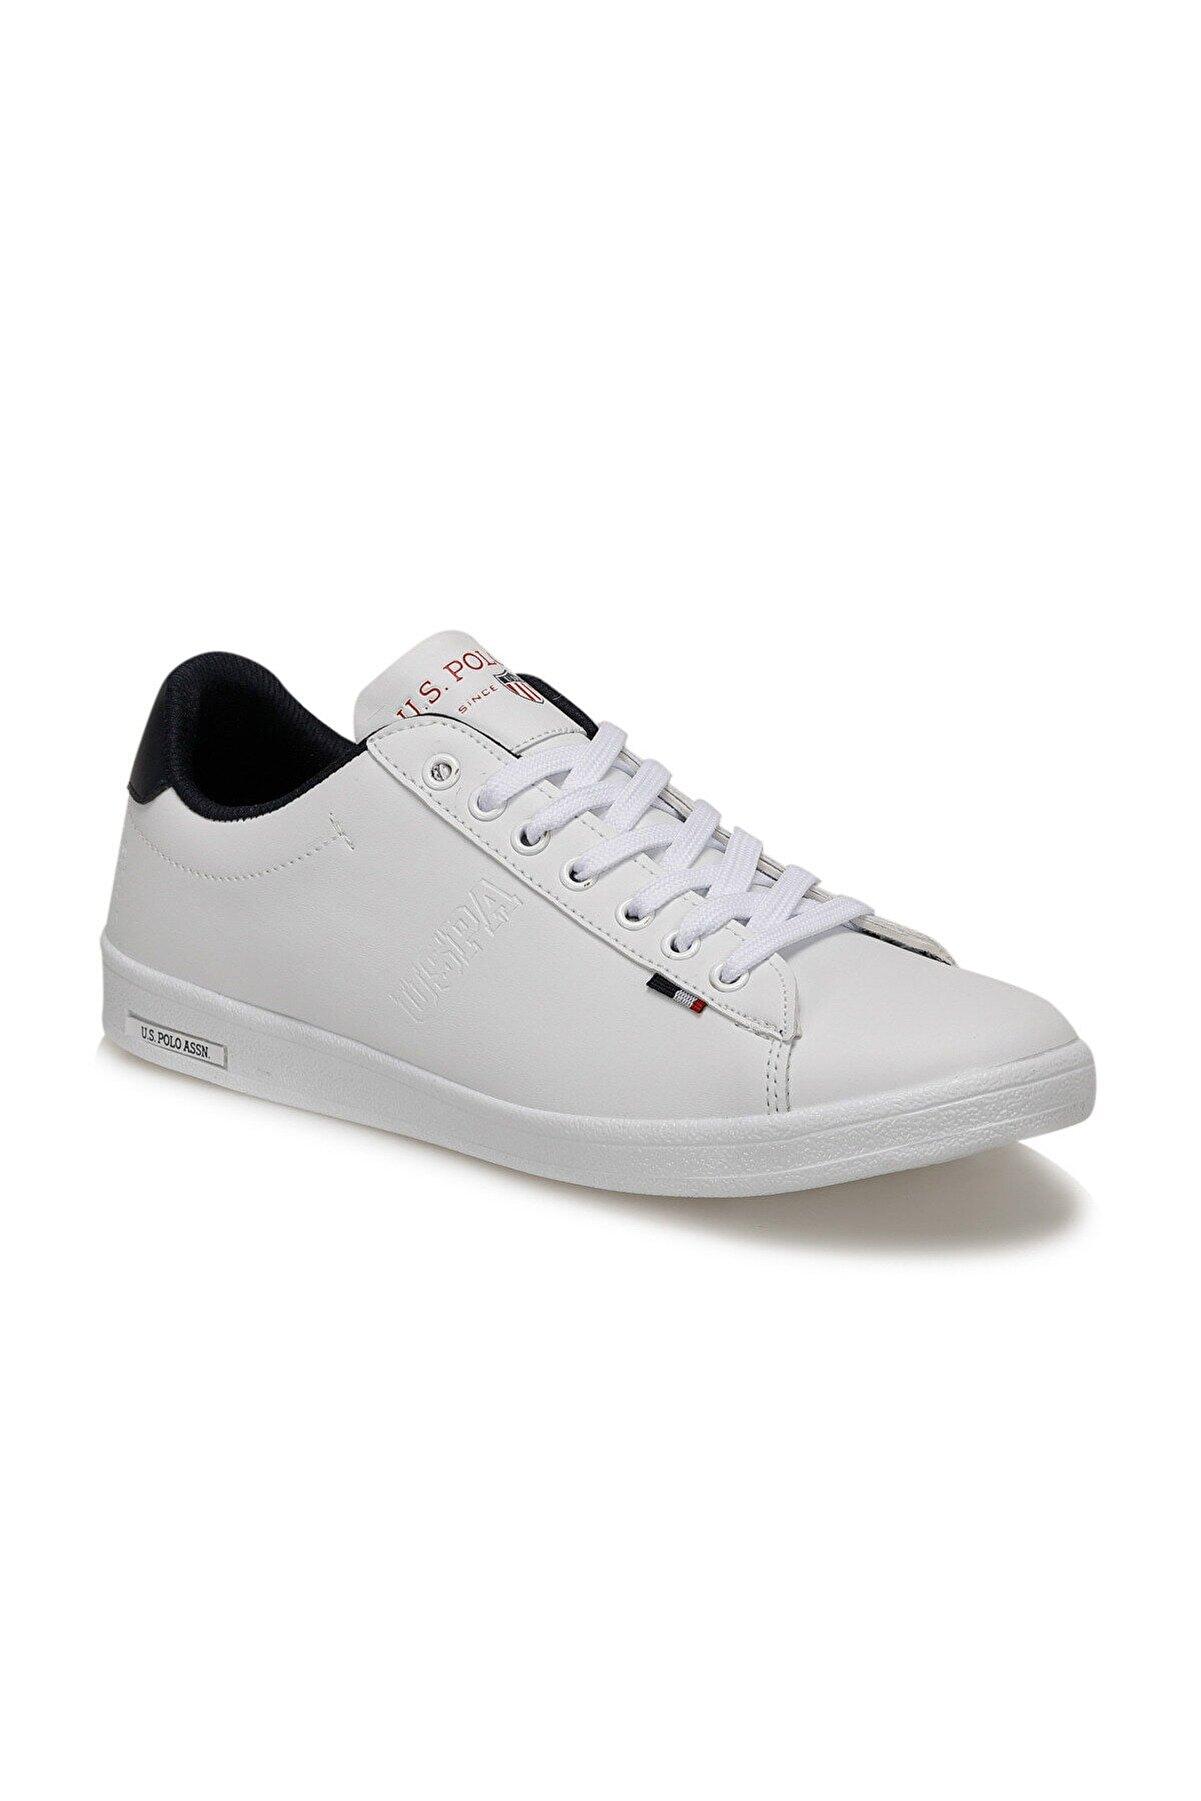 US Polo Assn U.s. Polo Assn. Franco Beyaz Erkek Kadın Günlük Ayakkabı Sneaker